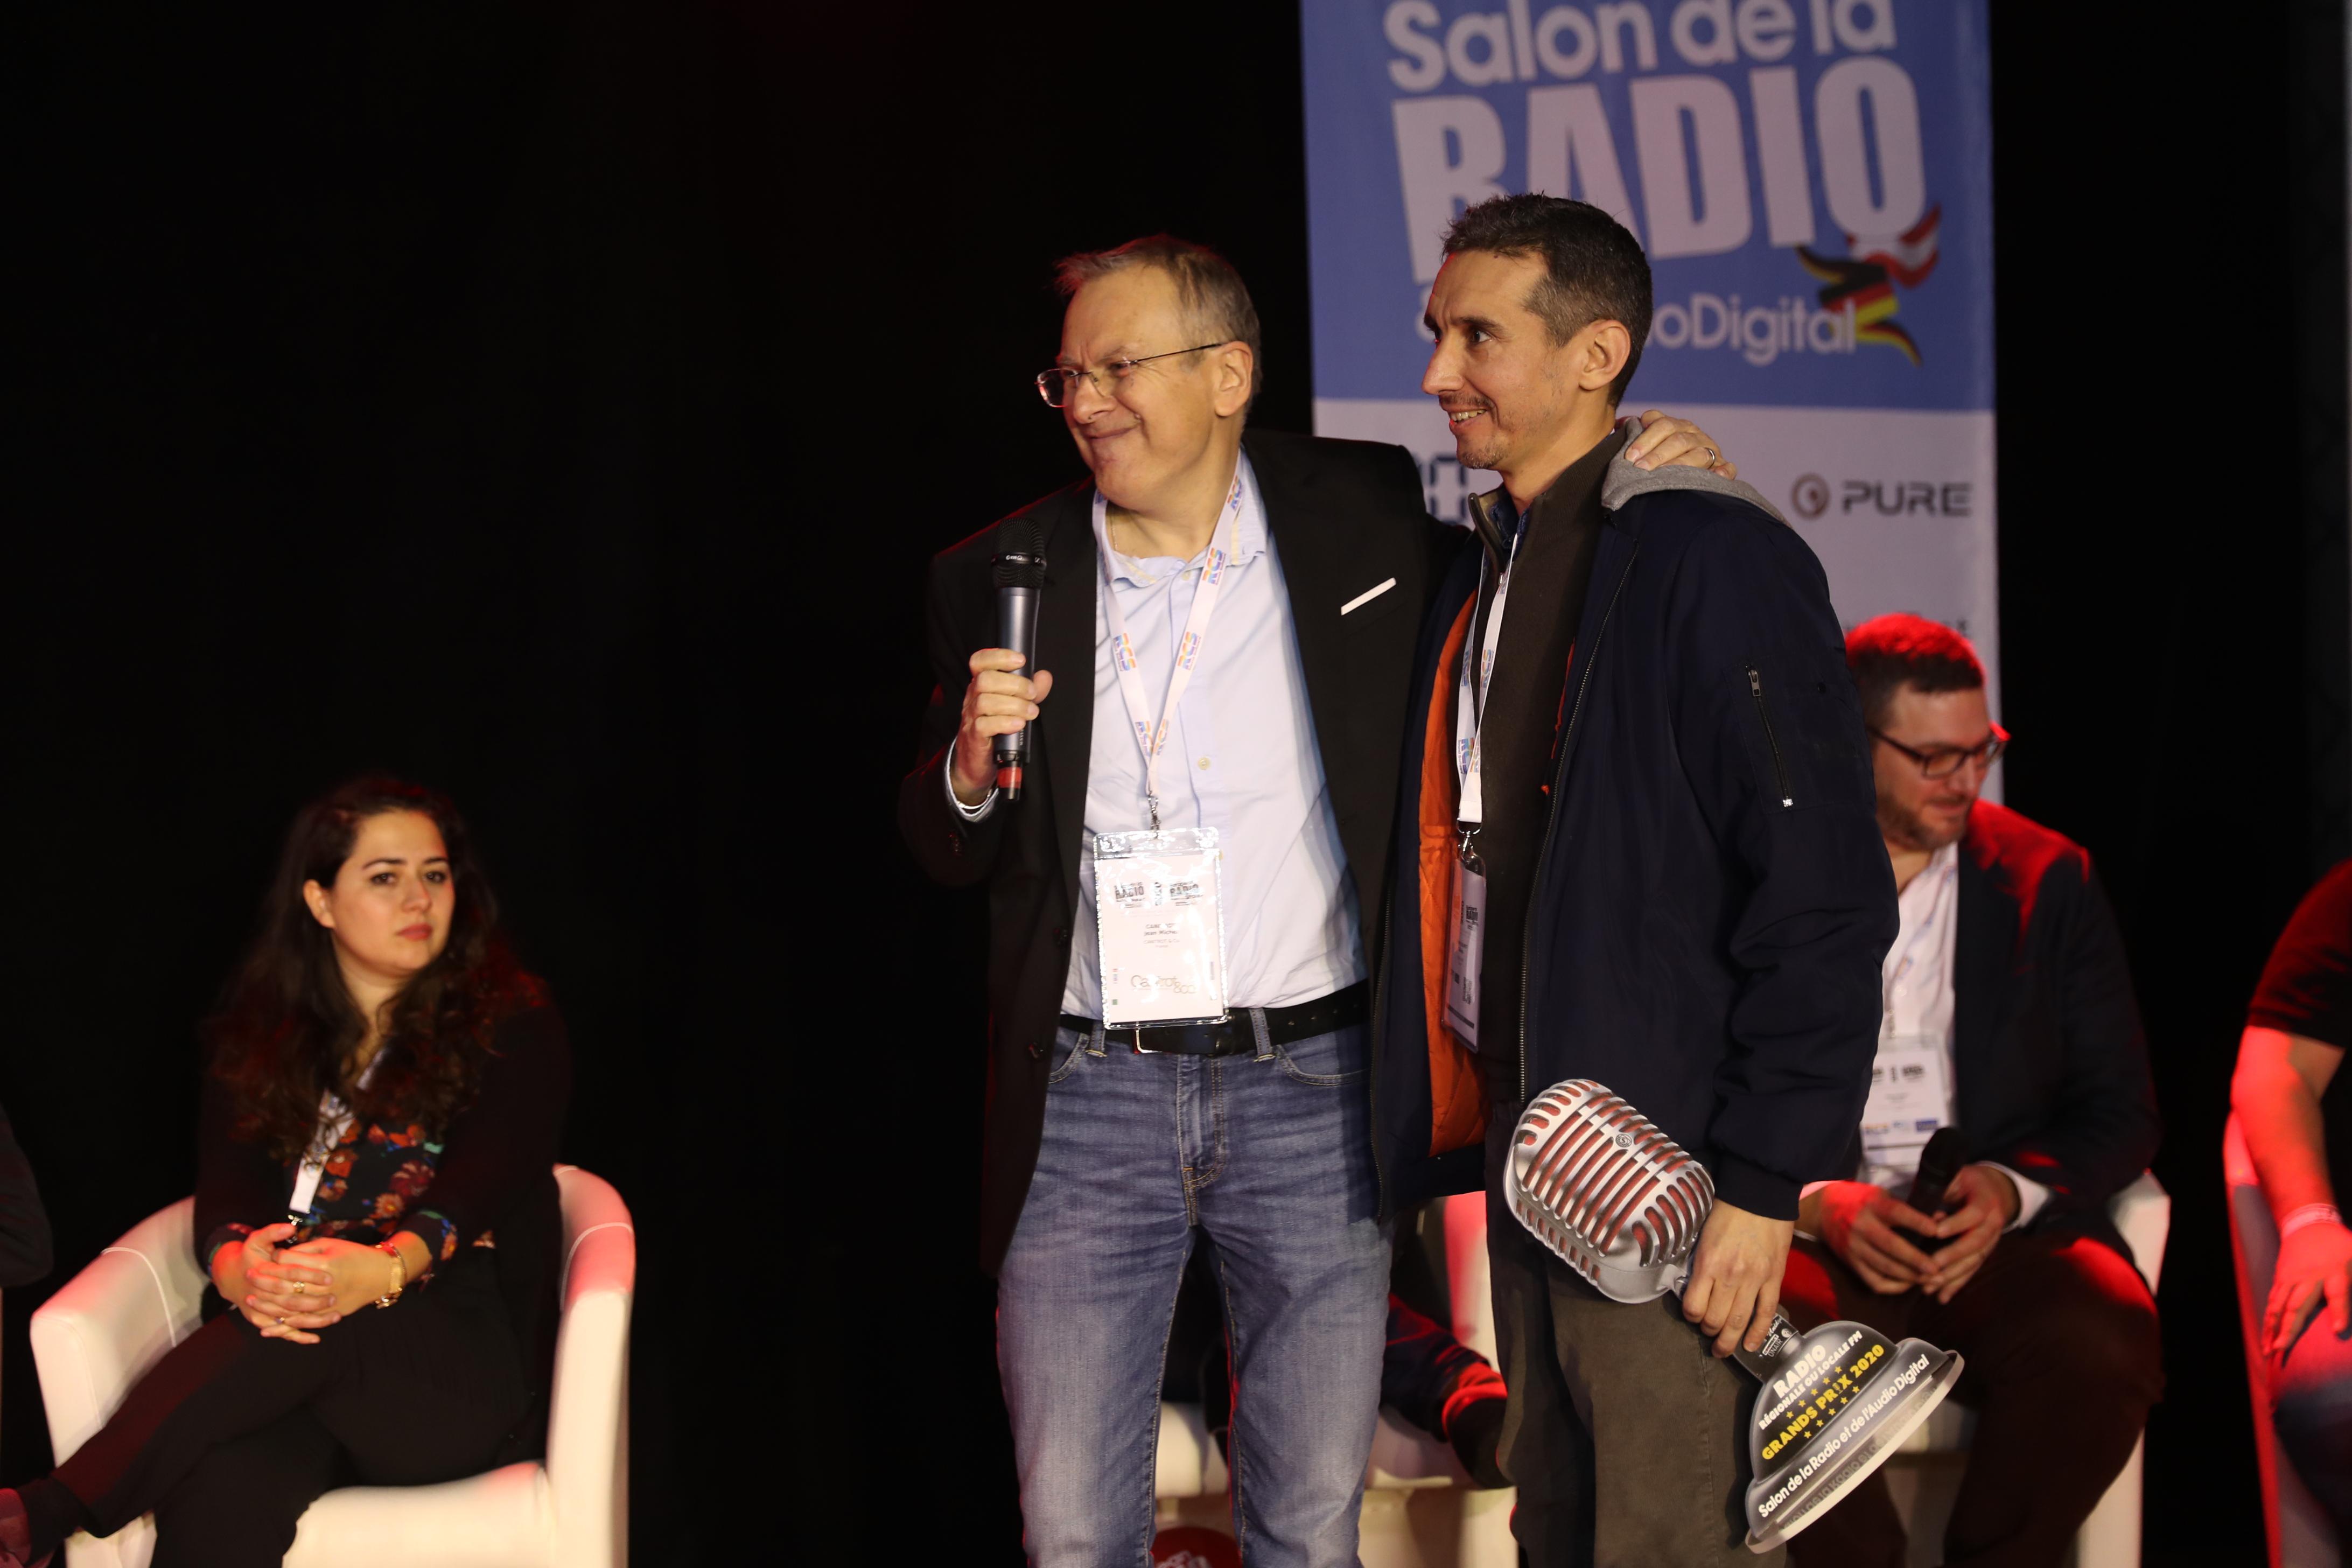 Face à Euradio et à RCI Antilles, c'est Delta FM qui a été récompensée. Gilles Sénicourt et son équipe ont réalisé la plus forte audience de France (30.8% en Audience Cumulée sur la zone Dunkerque.